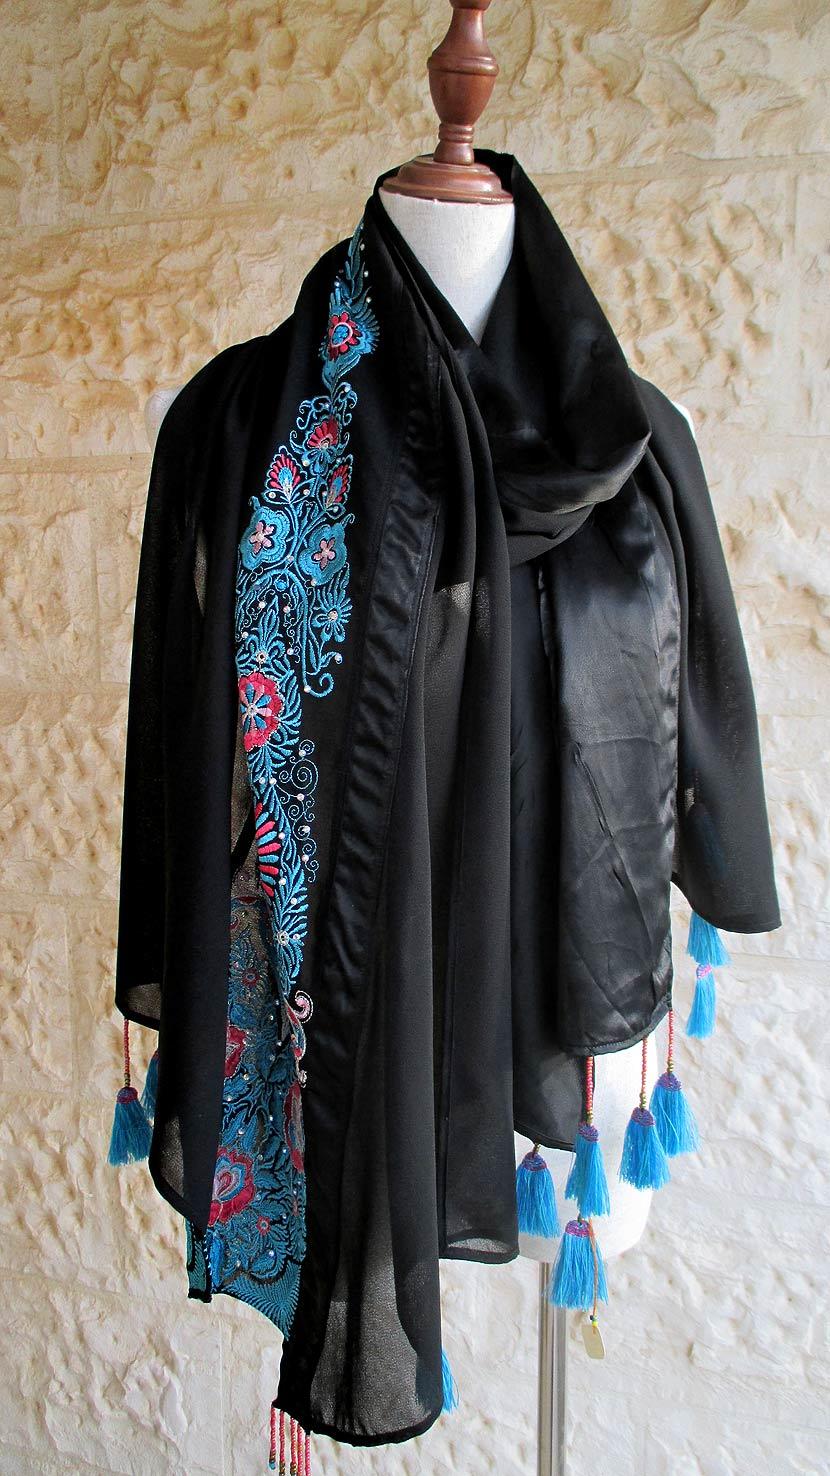 Long black shawl